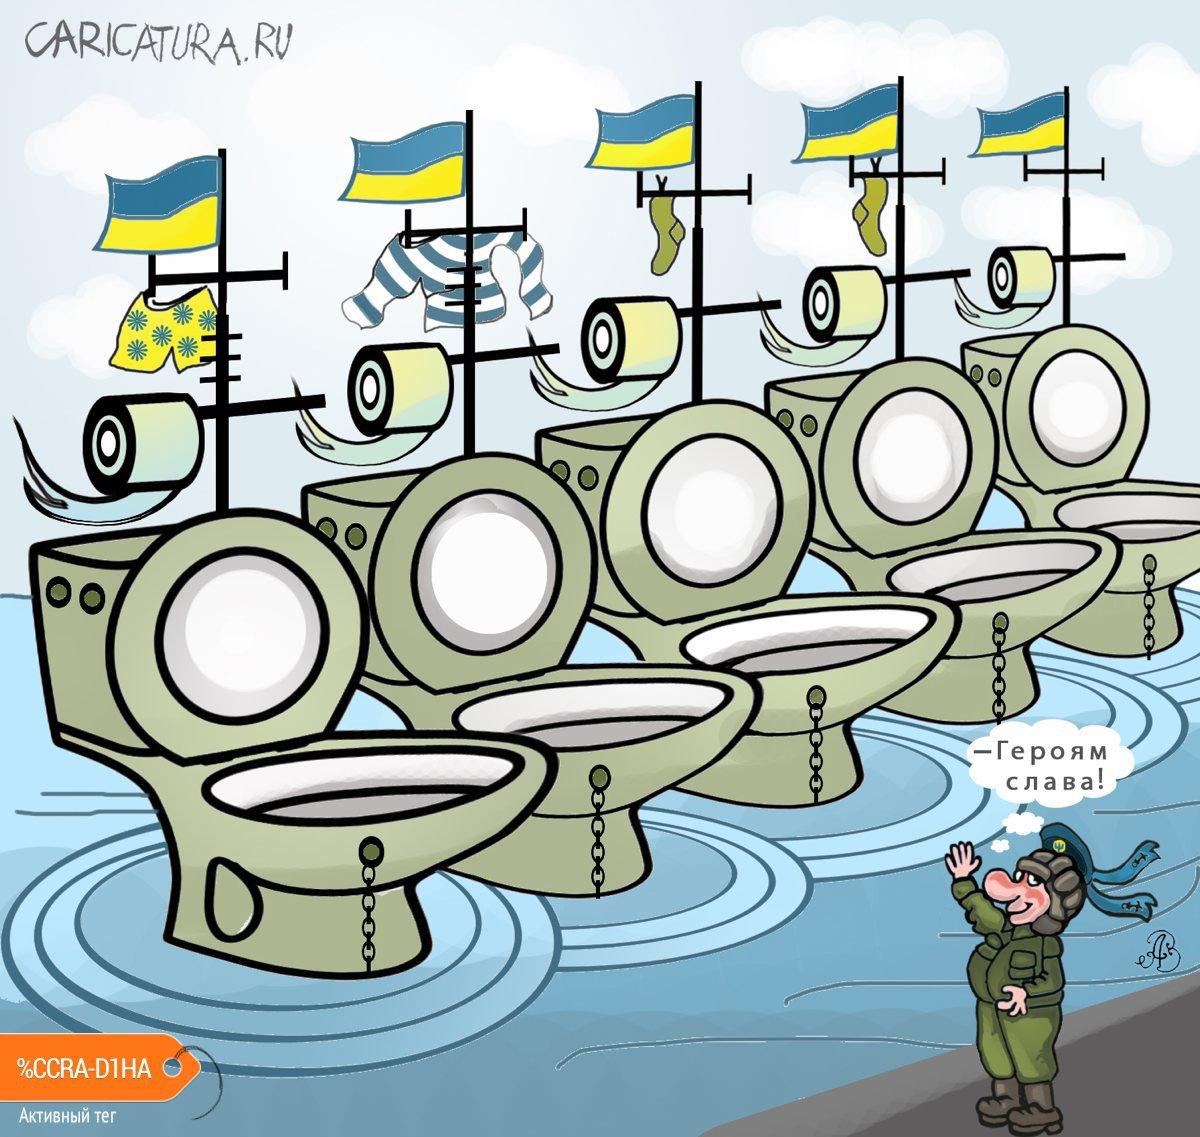 """Карикатура """"Новый девизион кораблей ВМС Украины"""", Андрей Ребров"""